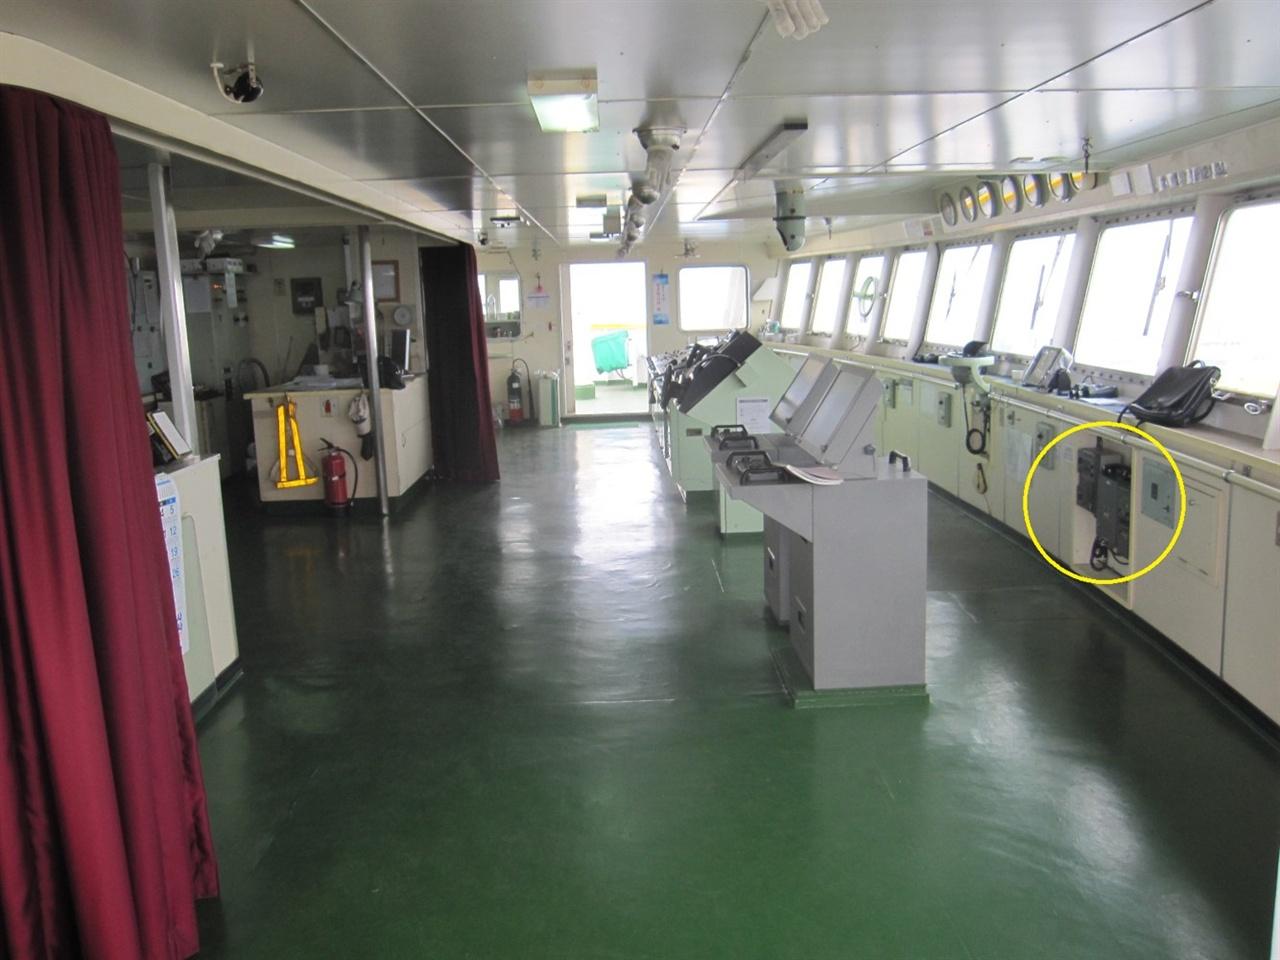 세월호 조타실 전경. 노란 동그라미 안의 장비가 VHF